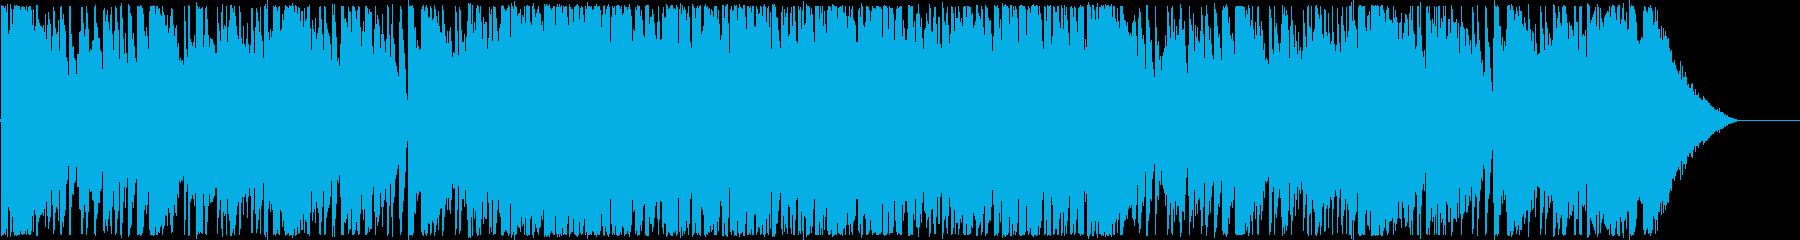 オープニング・楽しい洋楽風女性ボーカルの再生済みの波形